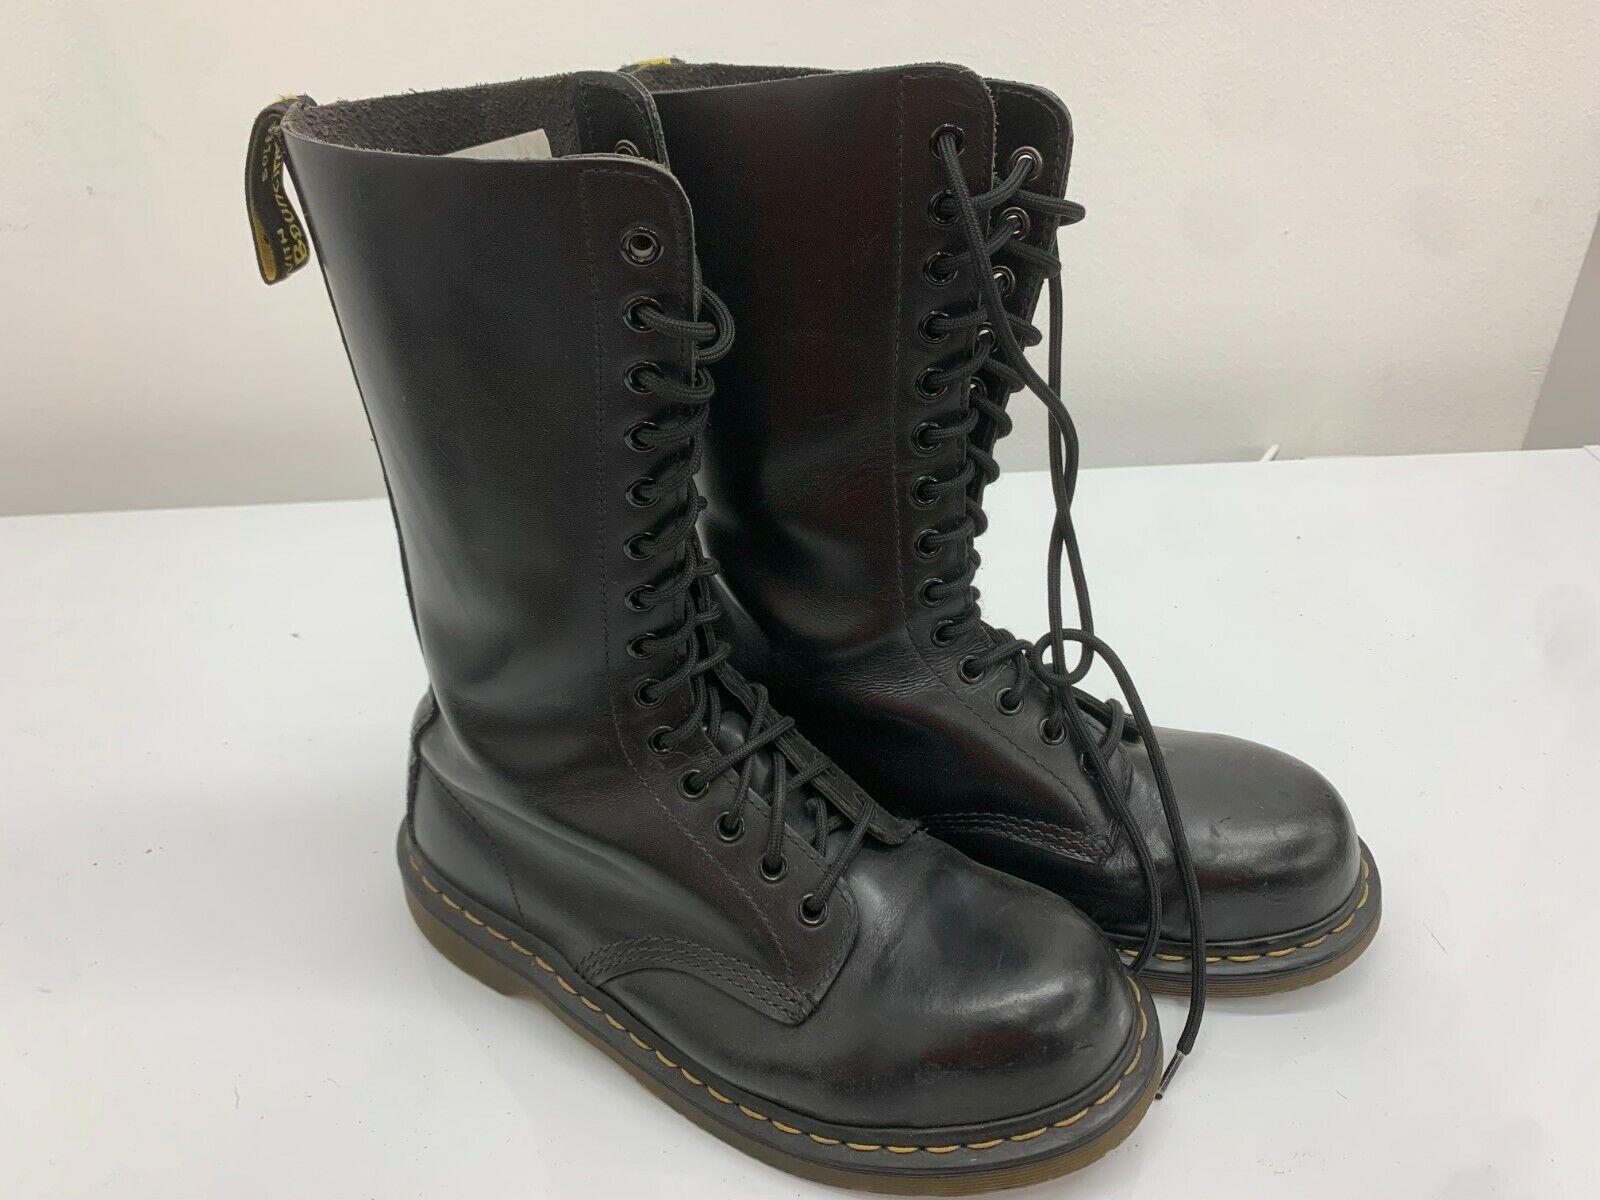 Dr Martens Boots 14 Eyelets Black Leather, Size 7UK, Steel Toe Cap Doc Martens